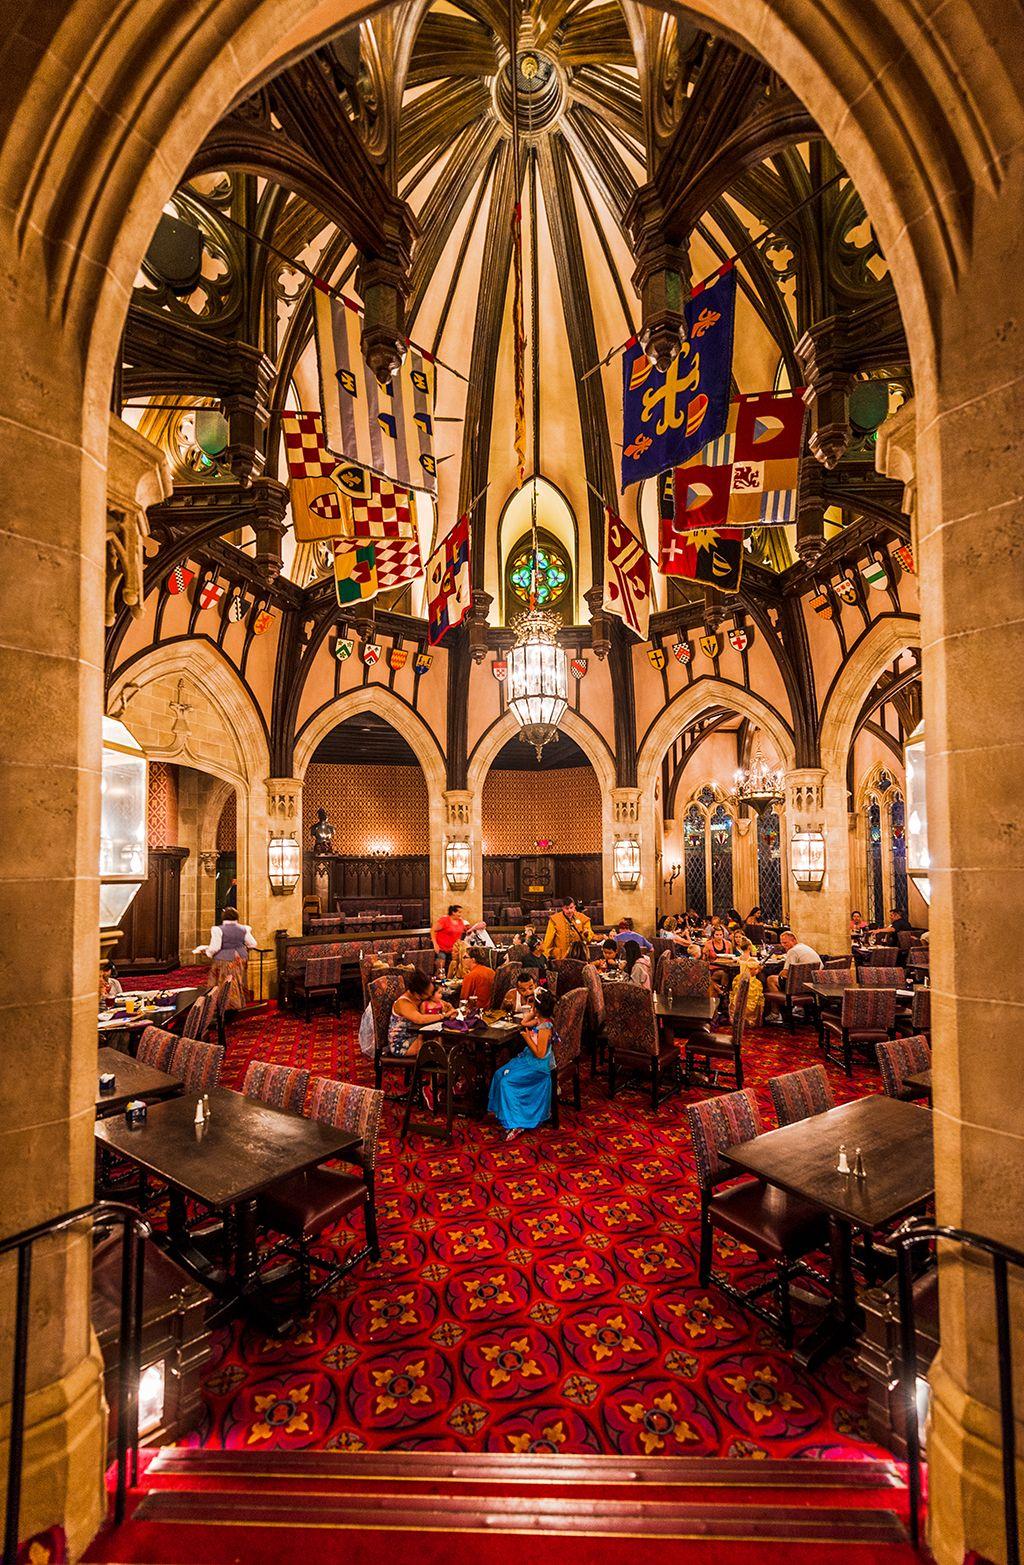 Cinderella S Royal Table Review Disney Restaurants Cinderella